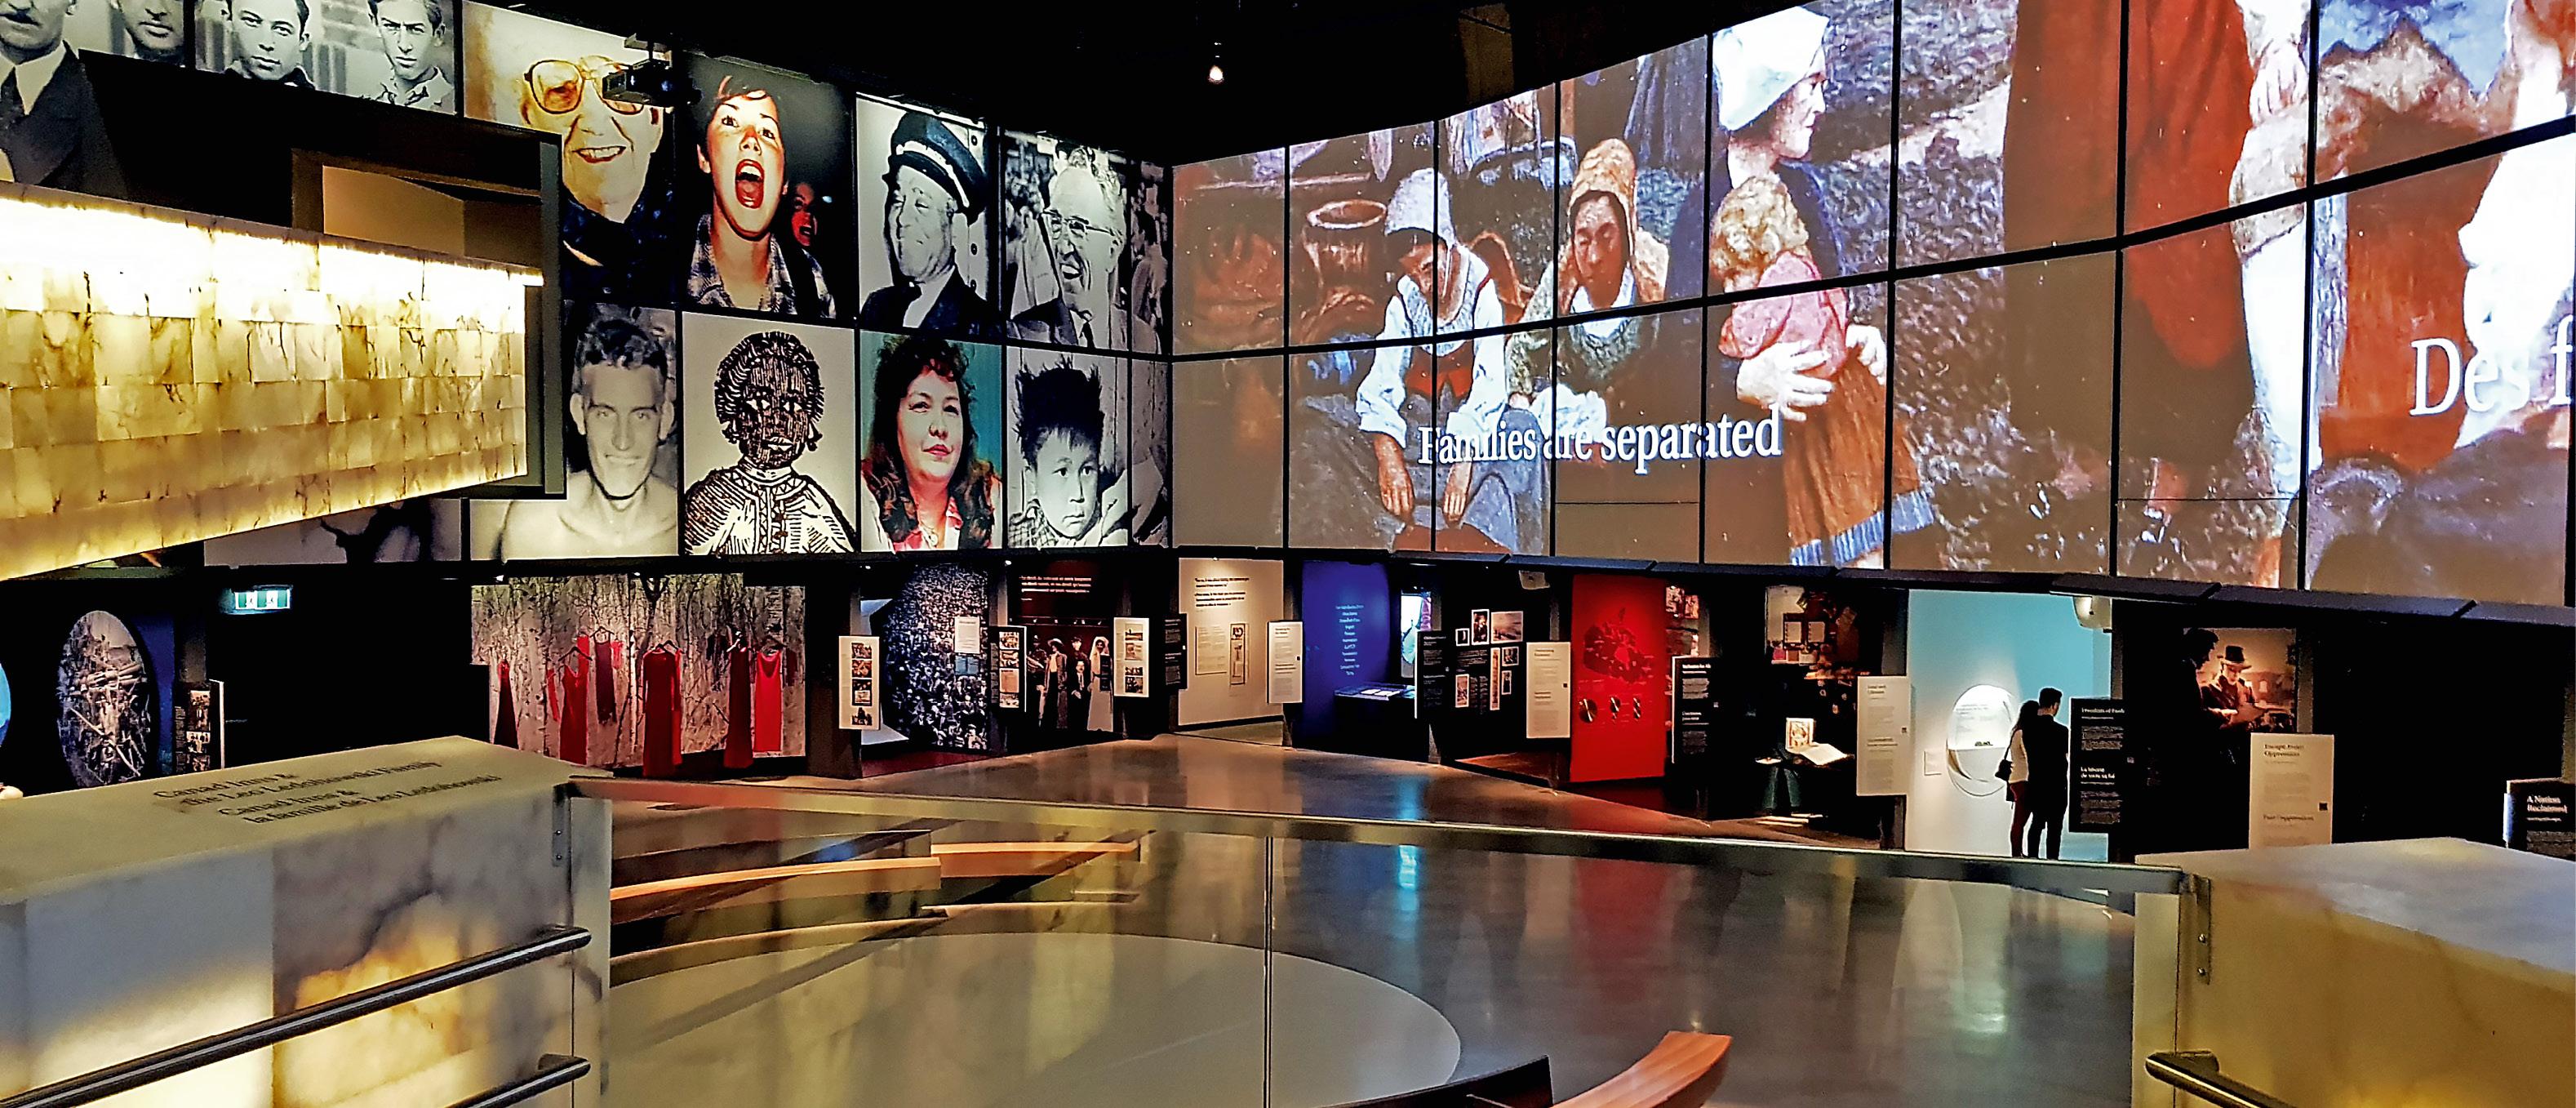 CANADIAN JOURNEYS: Den største utstillingssalen i Canadian Museum for Human Rights (CMHR) i Winnipeg har fått navnet Canadian Journeys. Salen har et innhold som tydelig plasserer museet i en samtid som stadig rommer motsetninger, uforløste konflikter, misogyni, rasisme og diskriminering. Foto: Eidsvoll 1814